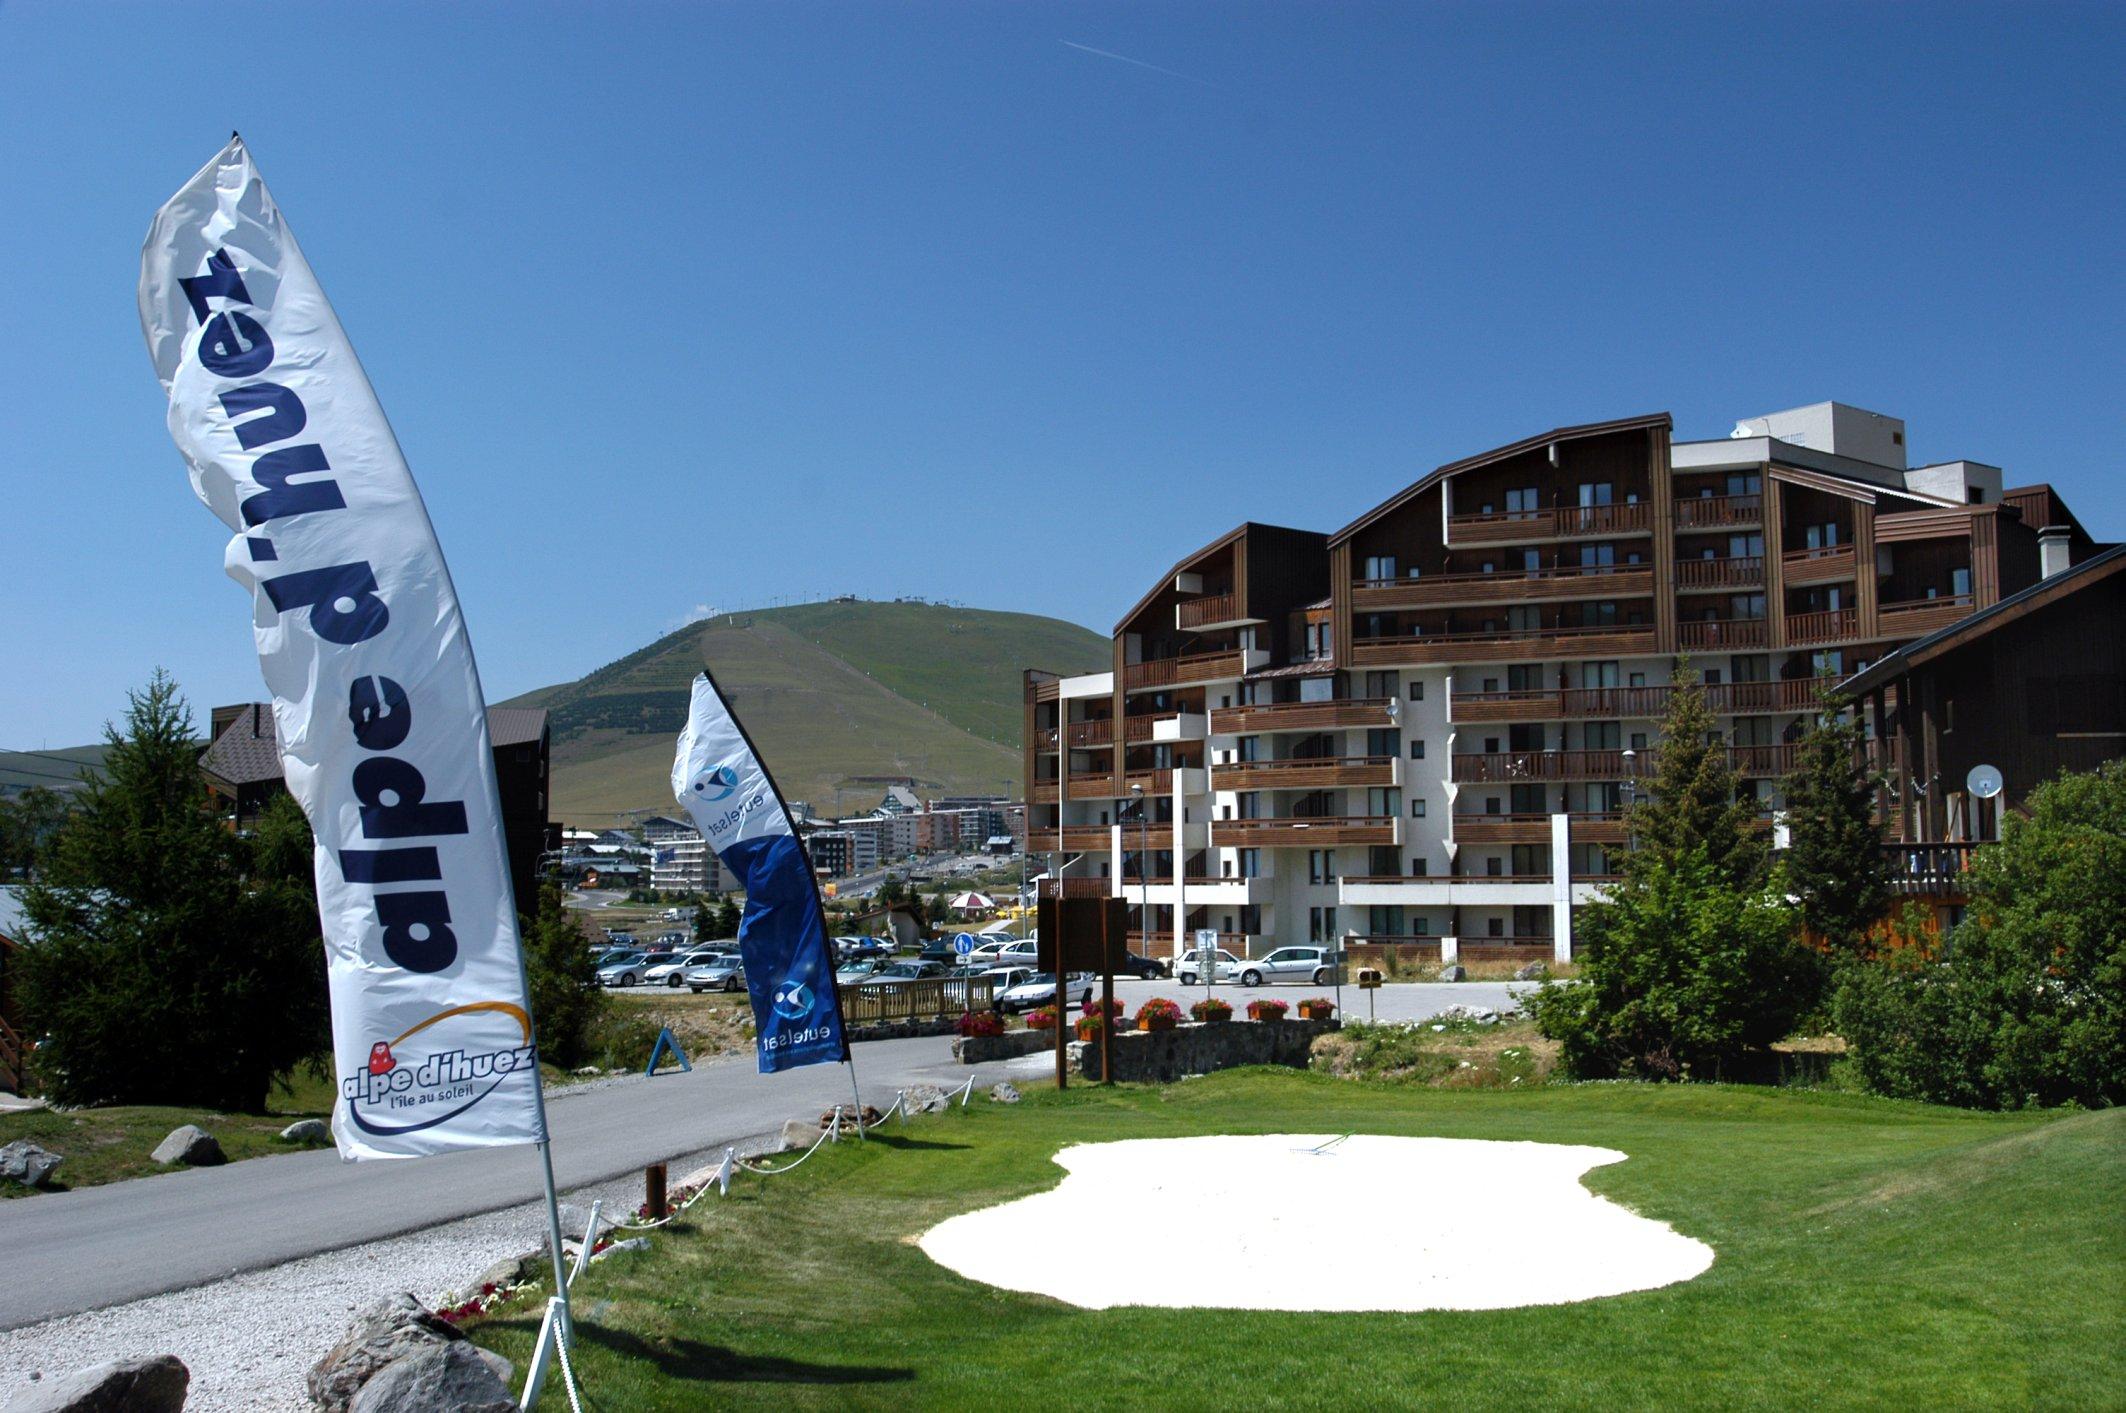 Odalys L'Alpe d'Huez S2p for 2 guests in Alpe d Huez, Frankreich